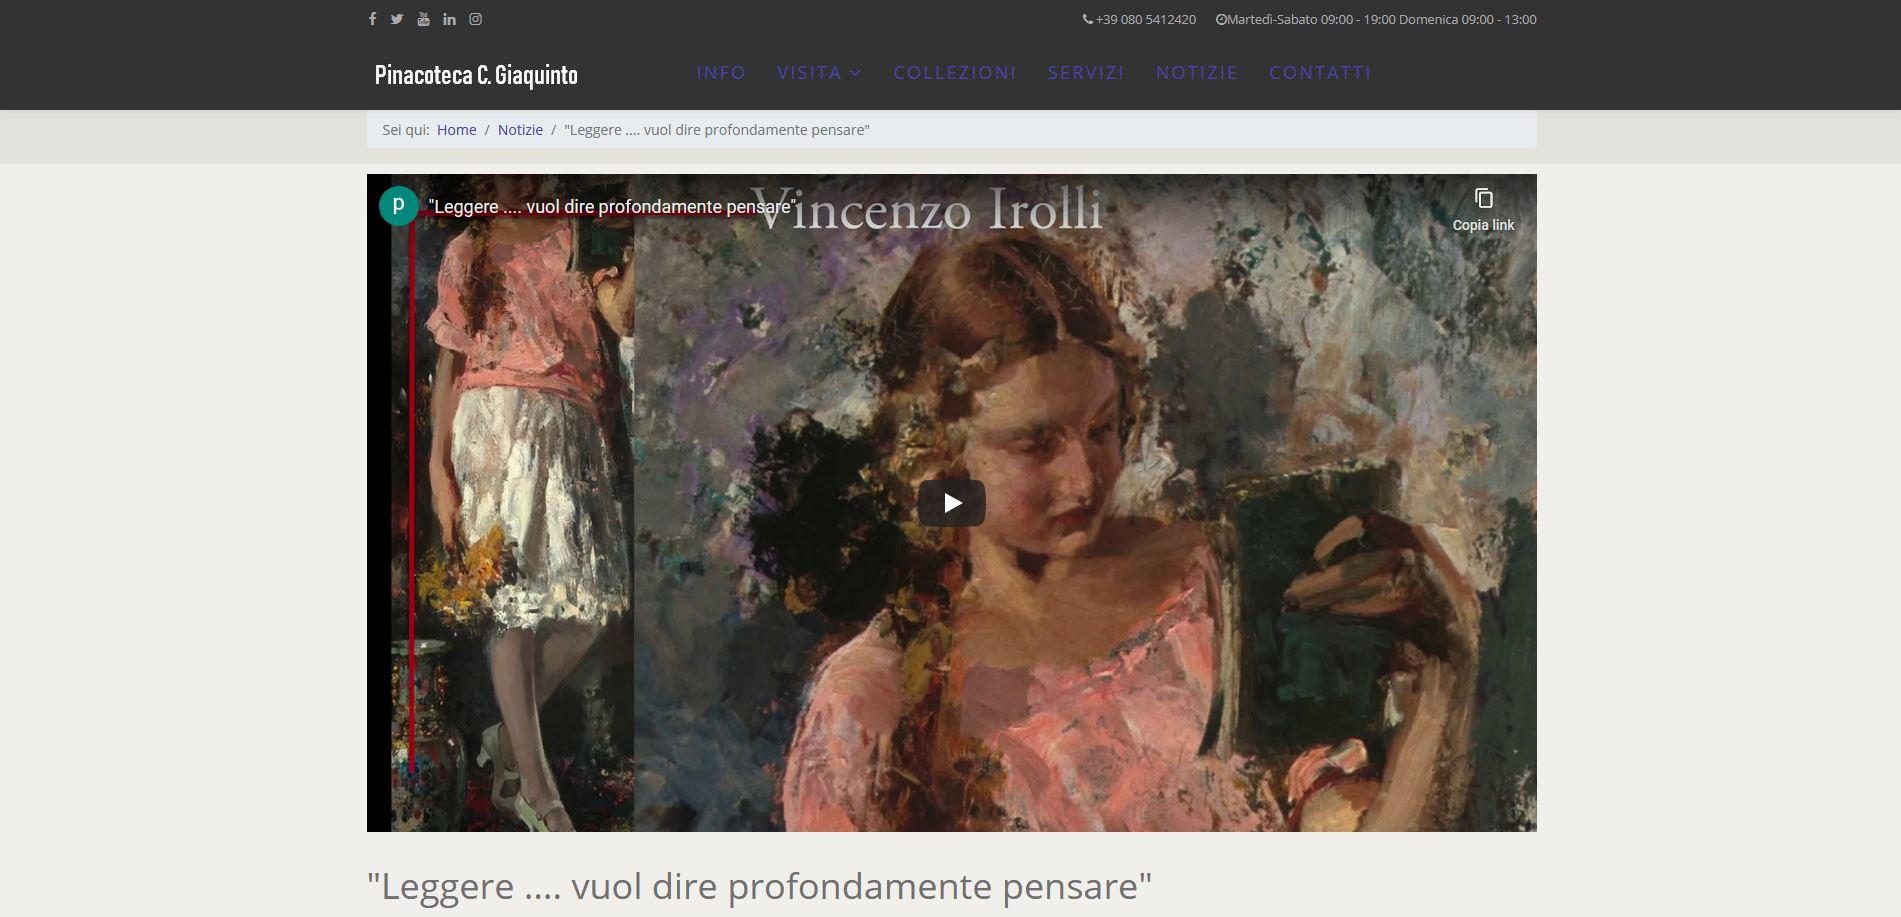 Per le Giornate europee del patrimonio, la Pinacoteca metropolitana di Bari propone su web e social un video sulla lettura